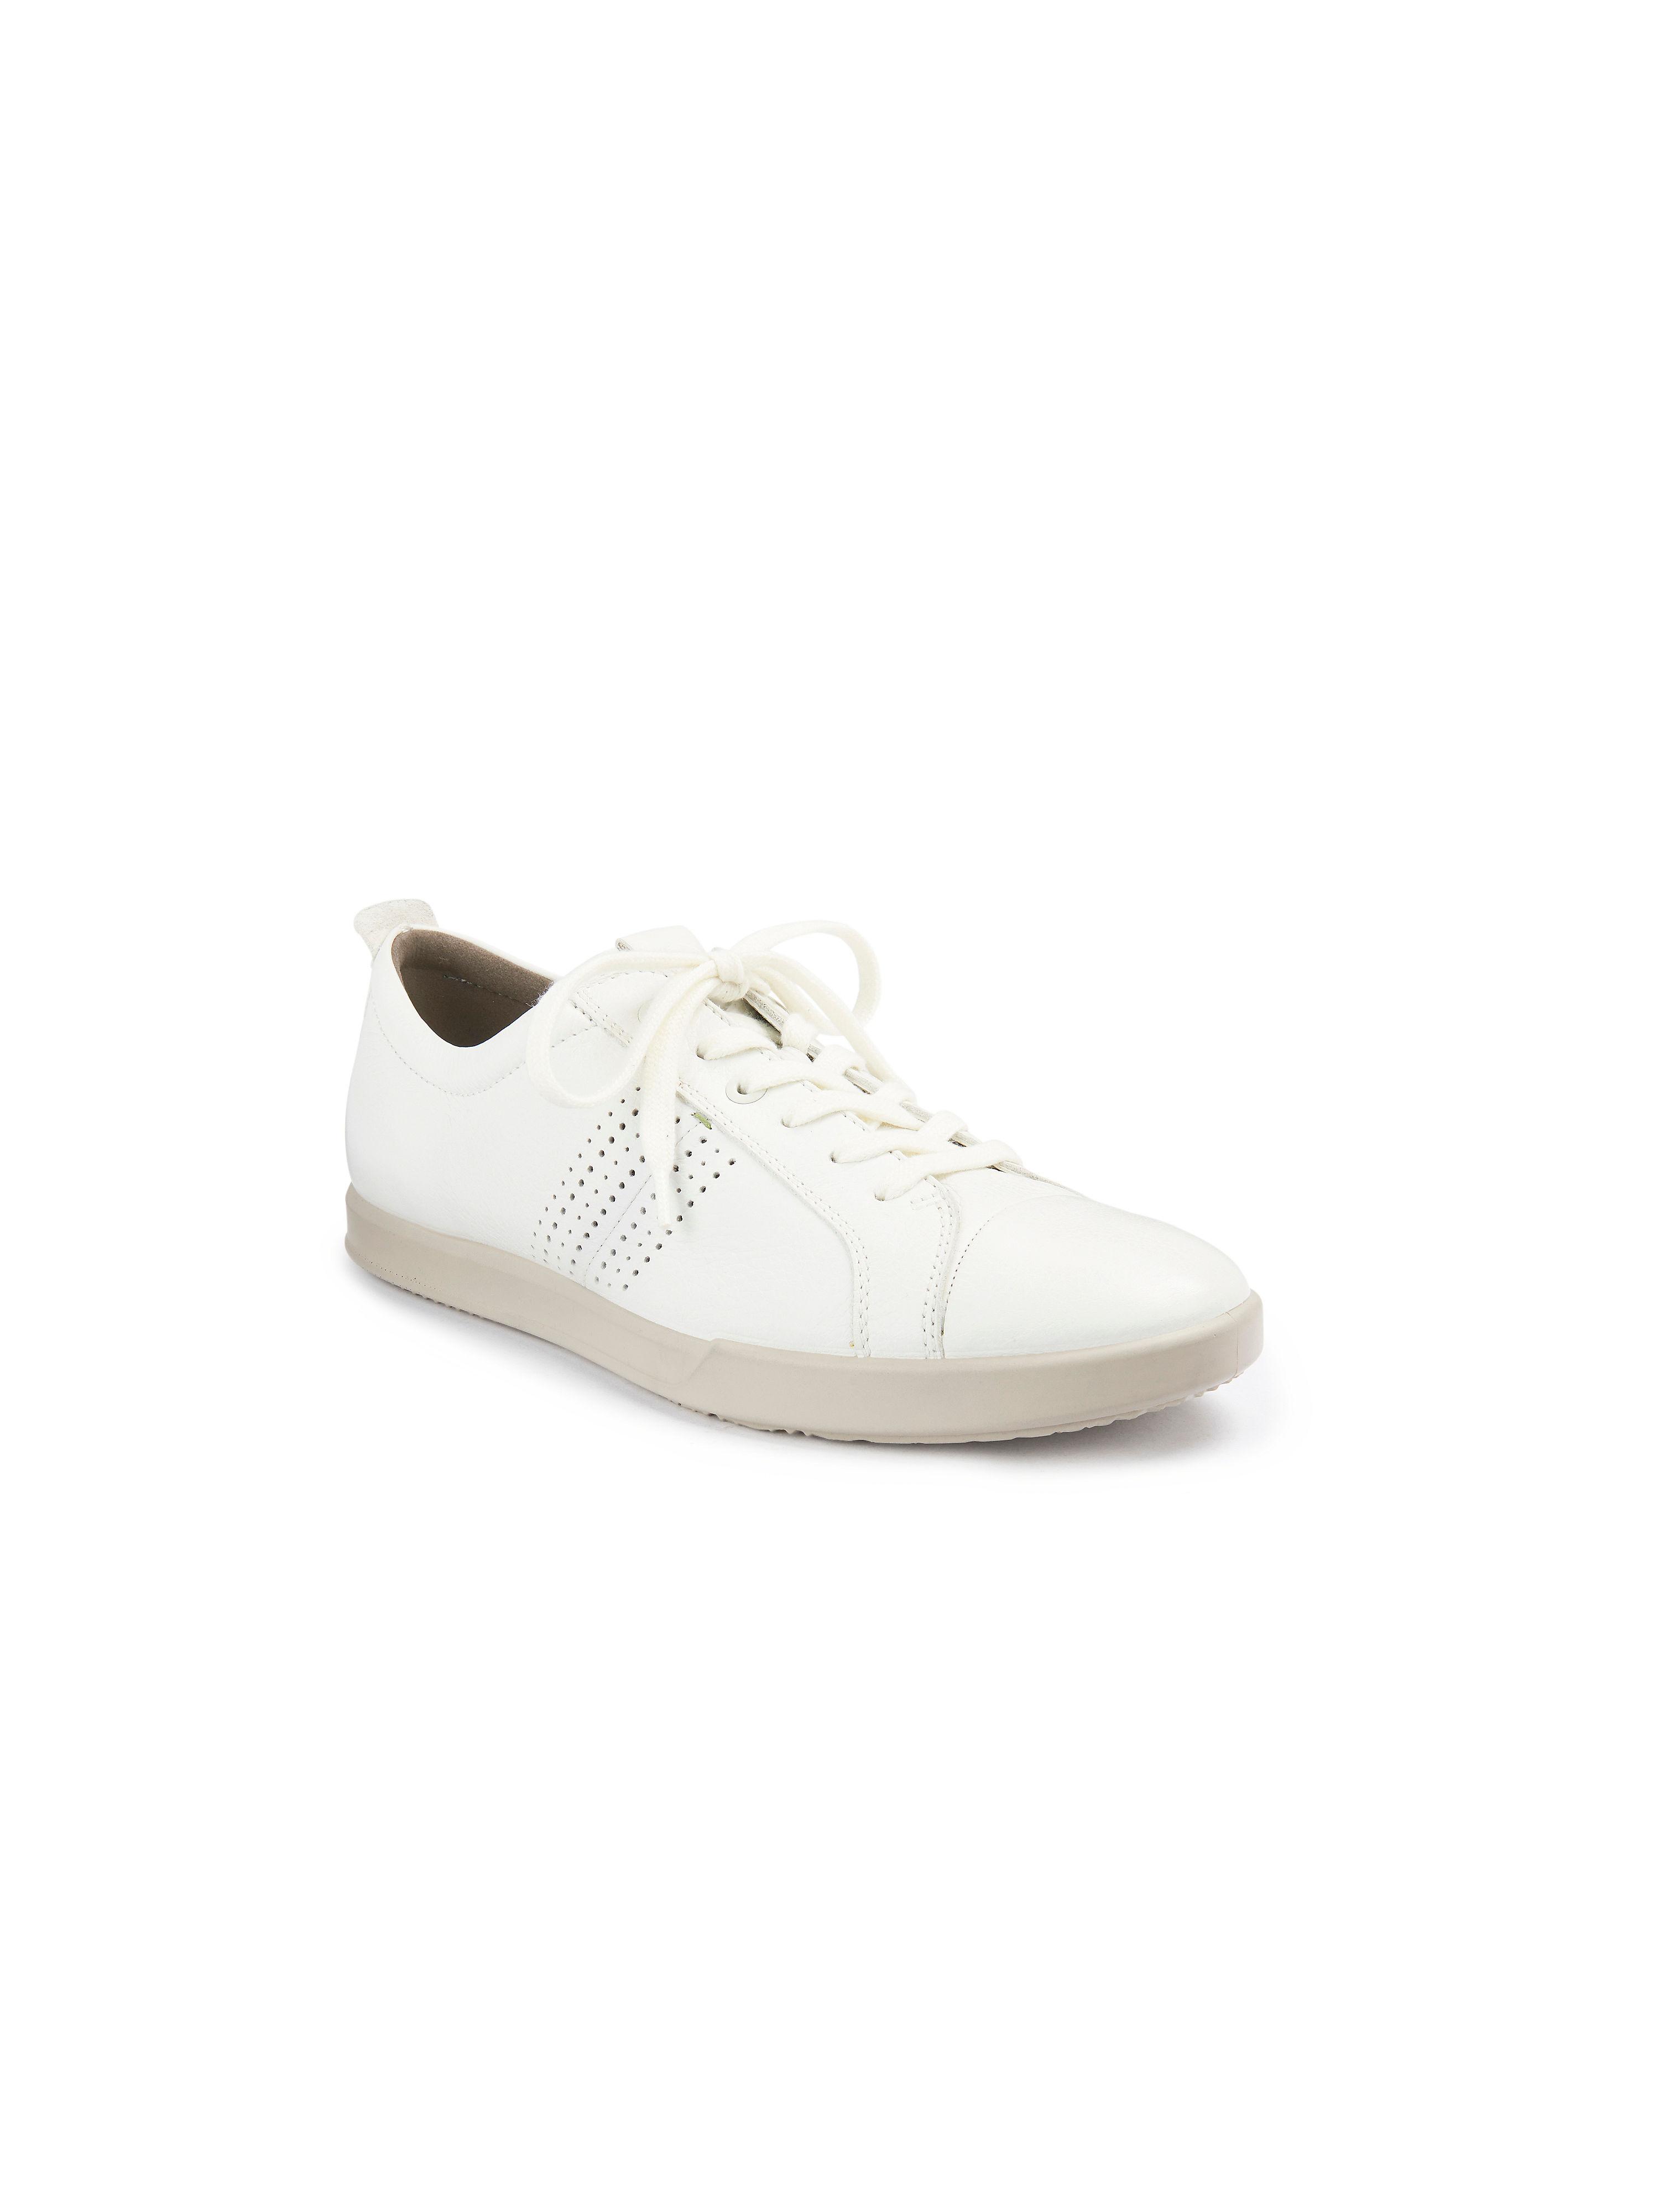 Über Online Shop24 Günstig Kaufen Schuhe atShop24 lFTK1cJ3